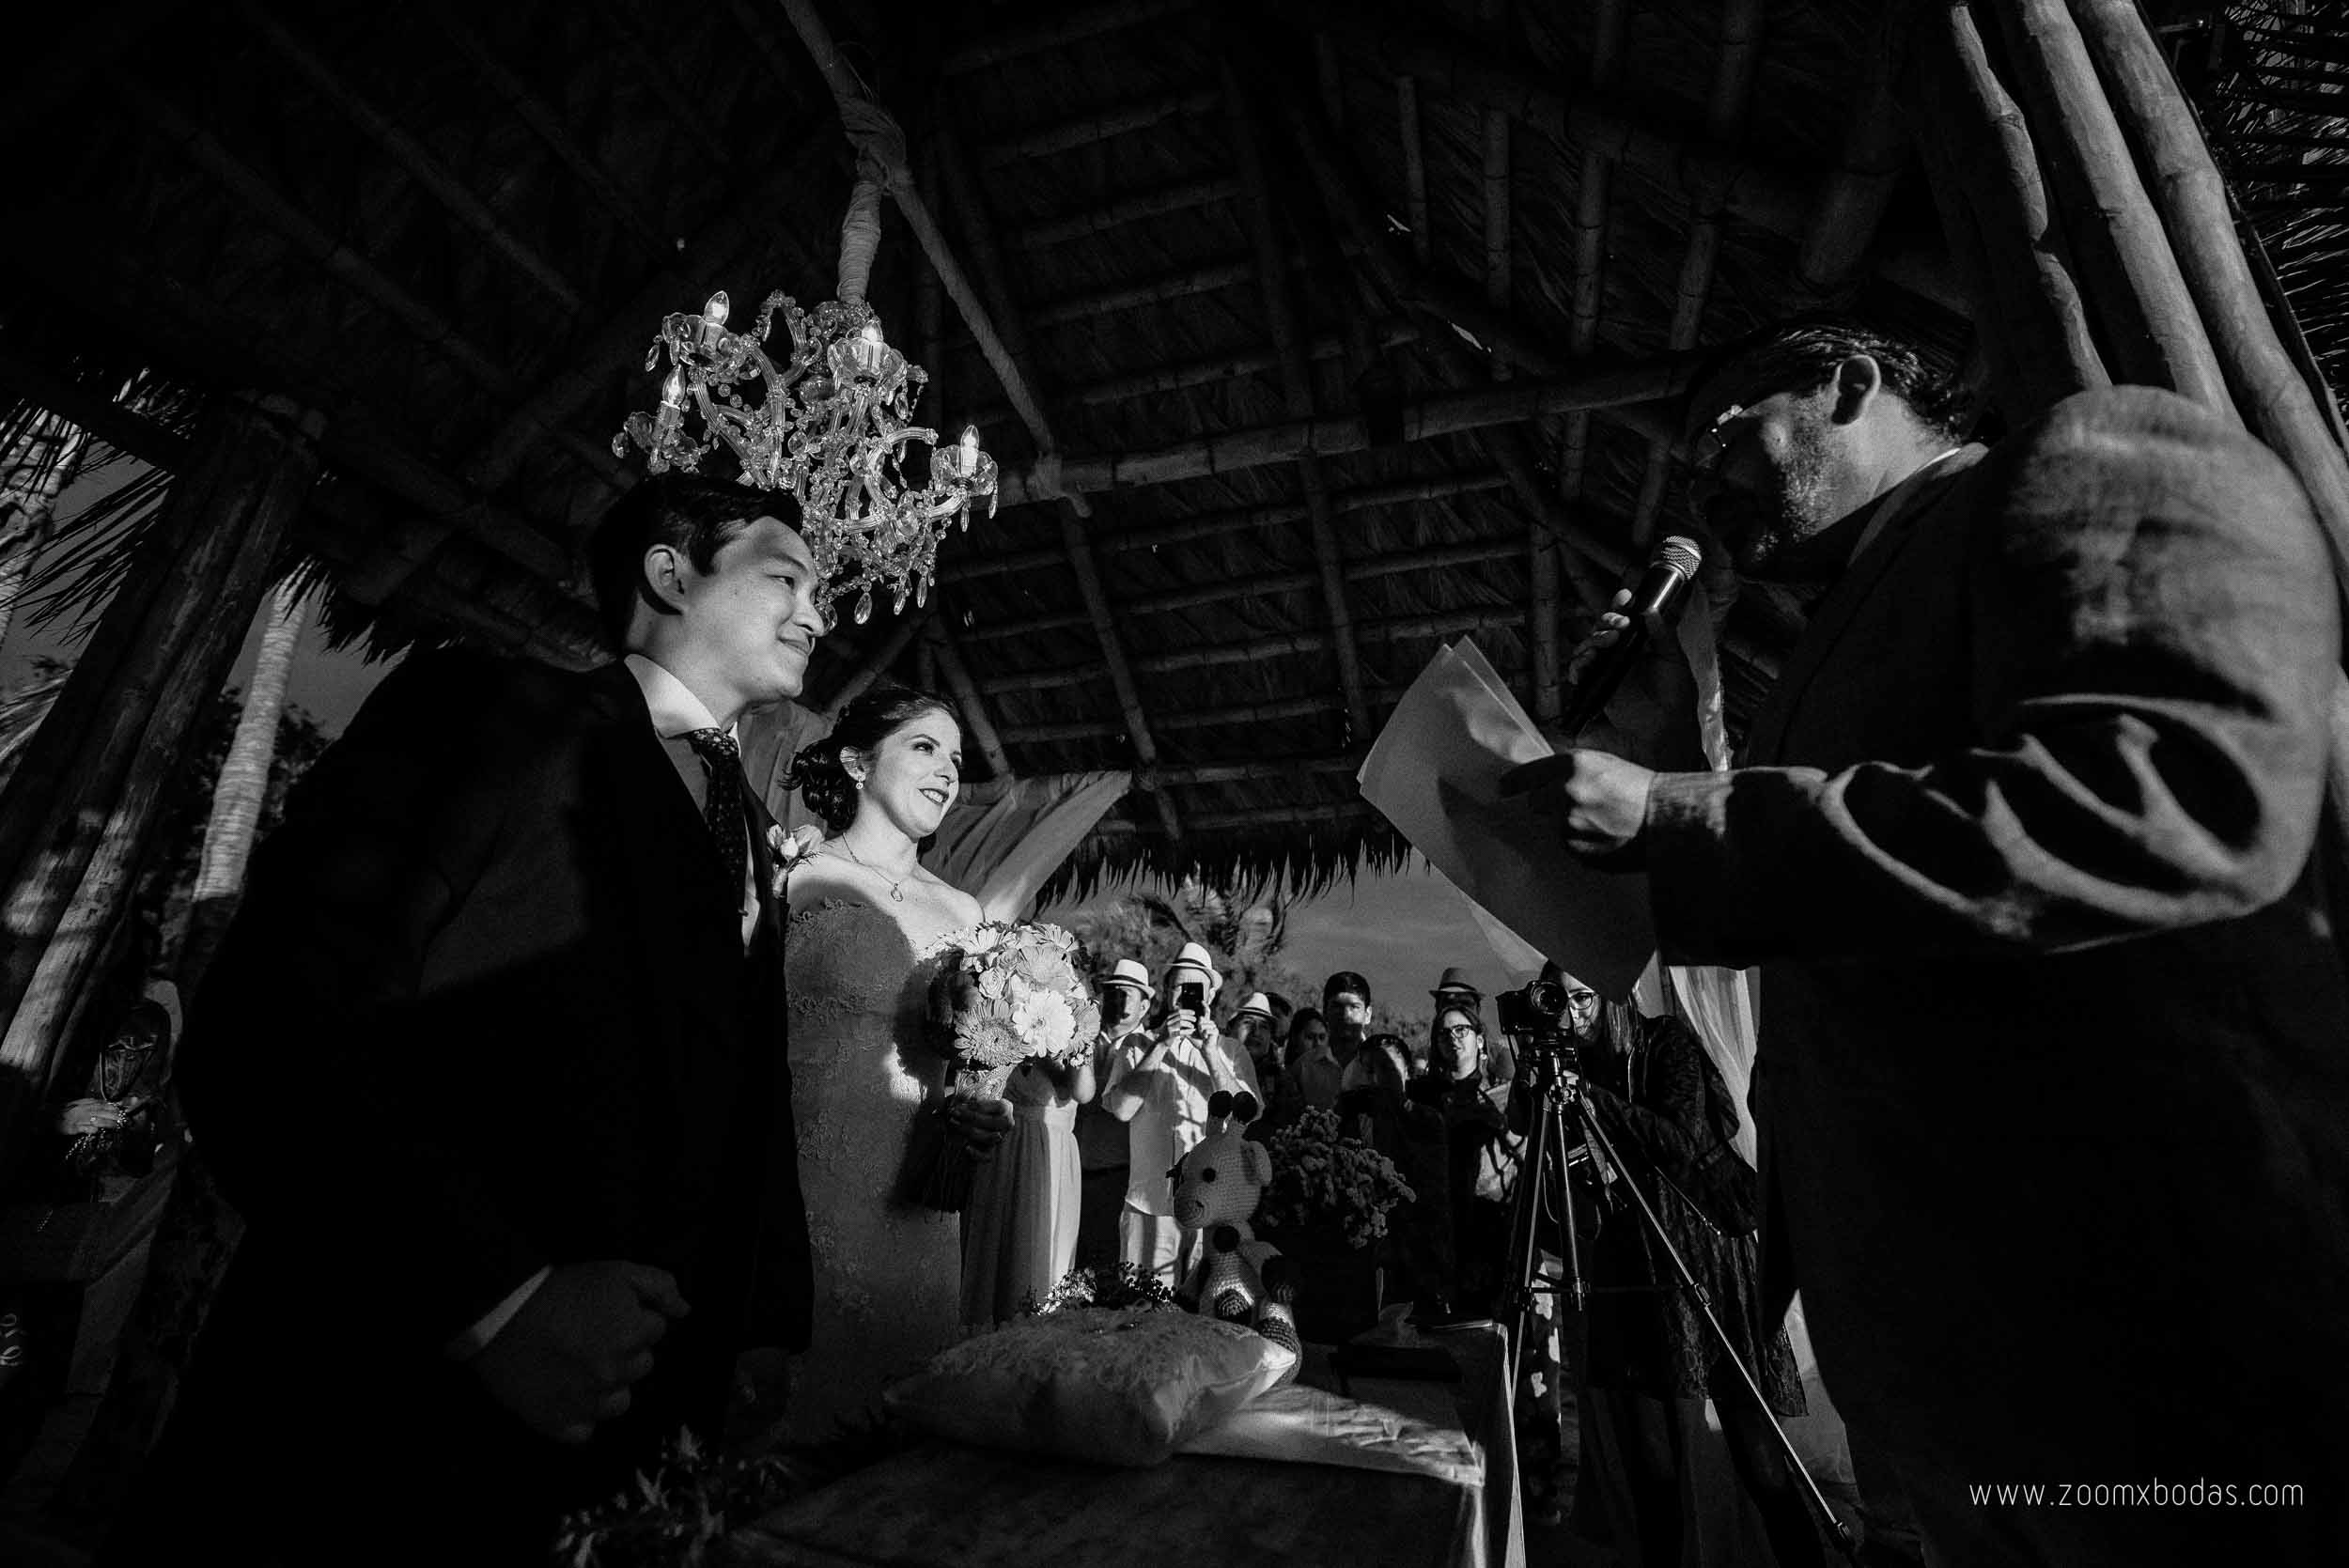 boda marina y jaime en colan_ fotografia de bodas en playa colan, fotografia de bodas en piura, video de bodas en piura, zoomxbodas, zoomxstudio